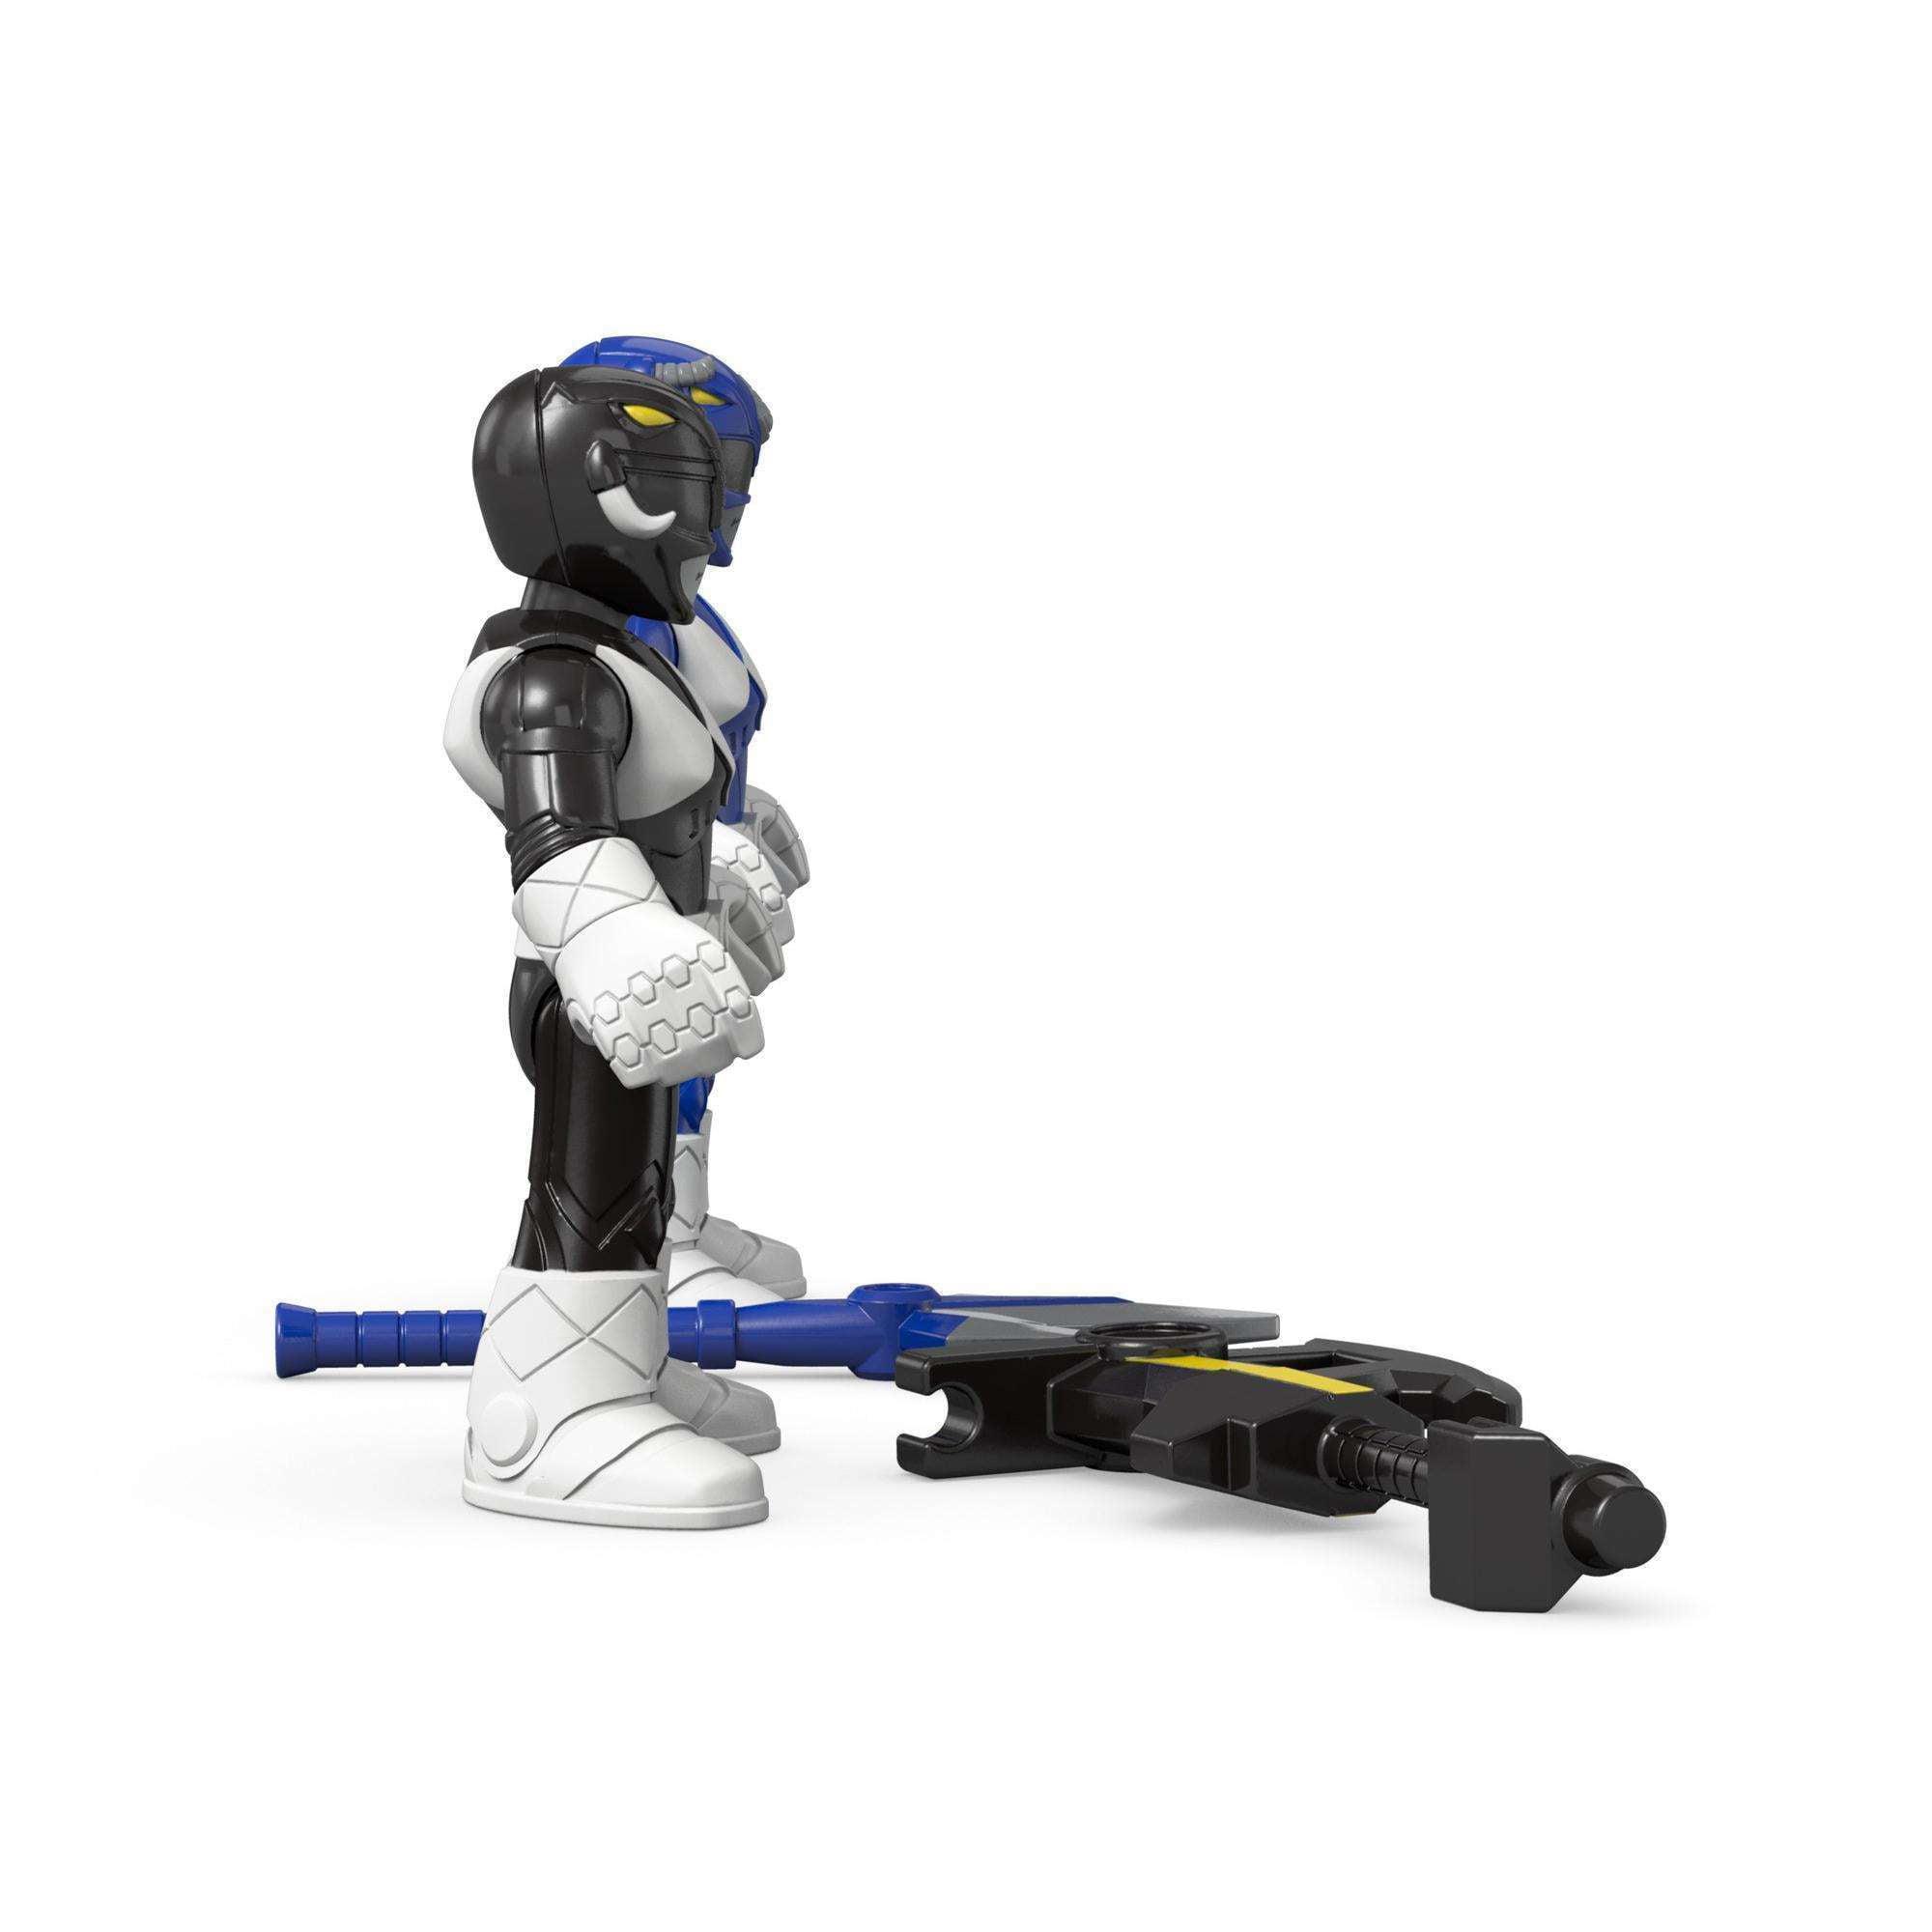 Fisher-Price Imaginext Power Rangers Blue Ranger /& Black